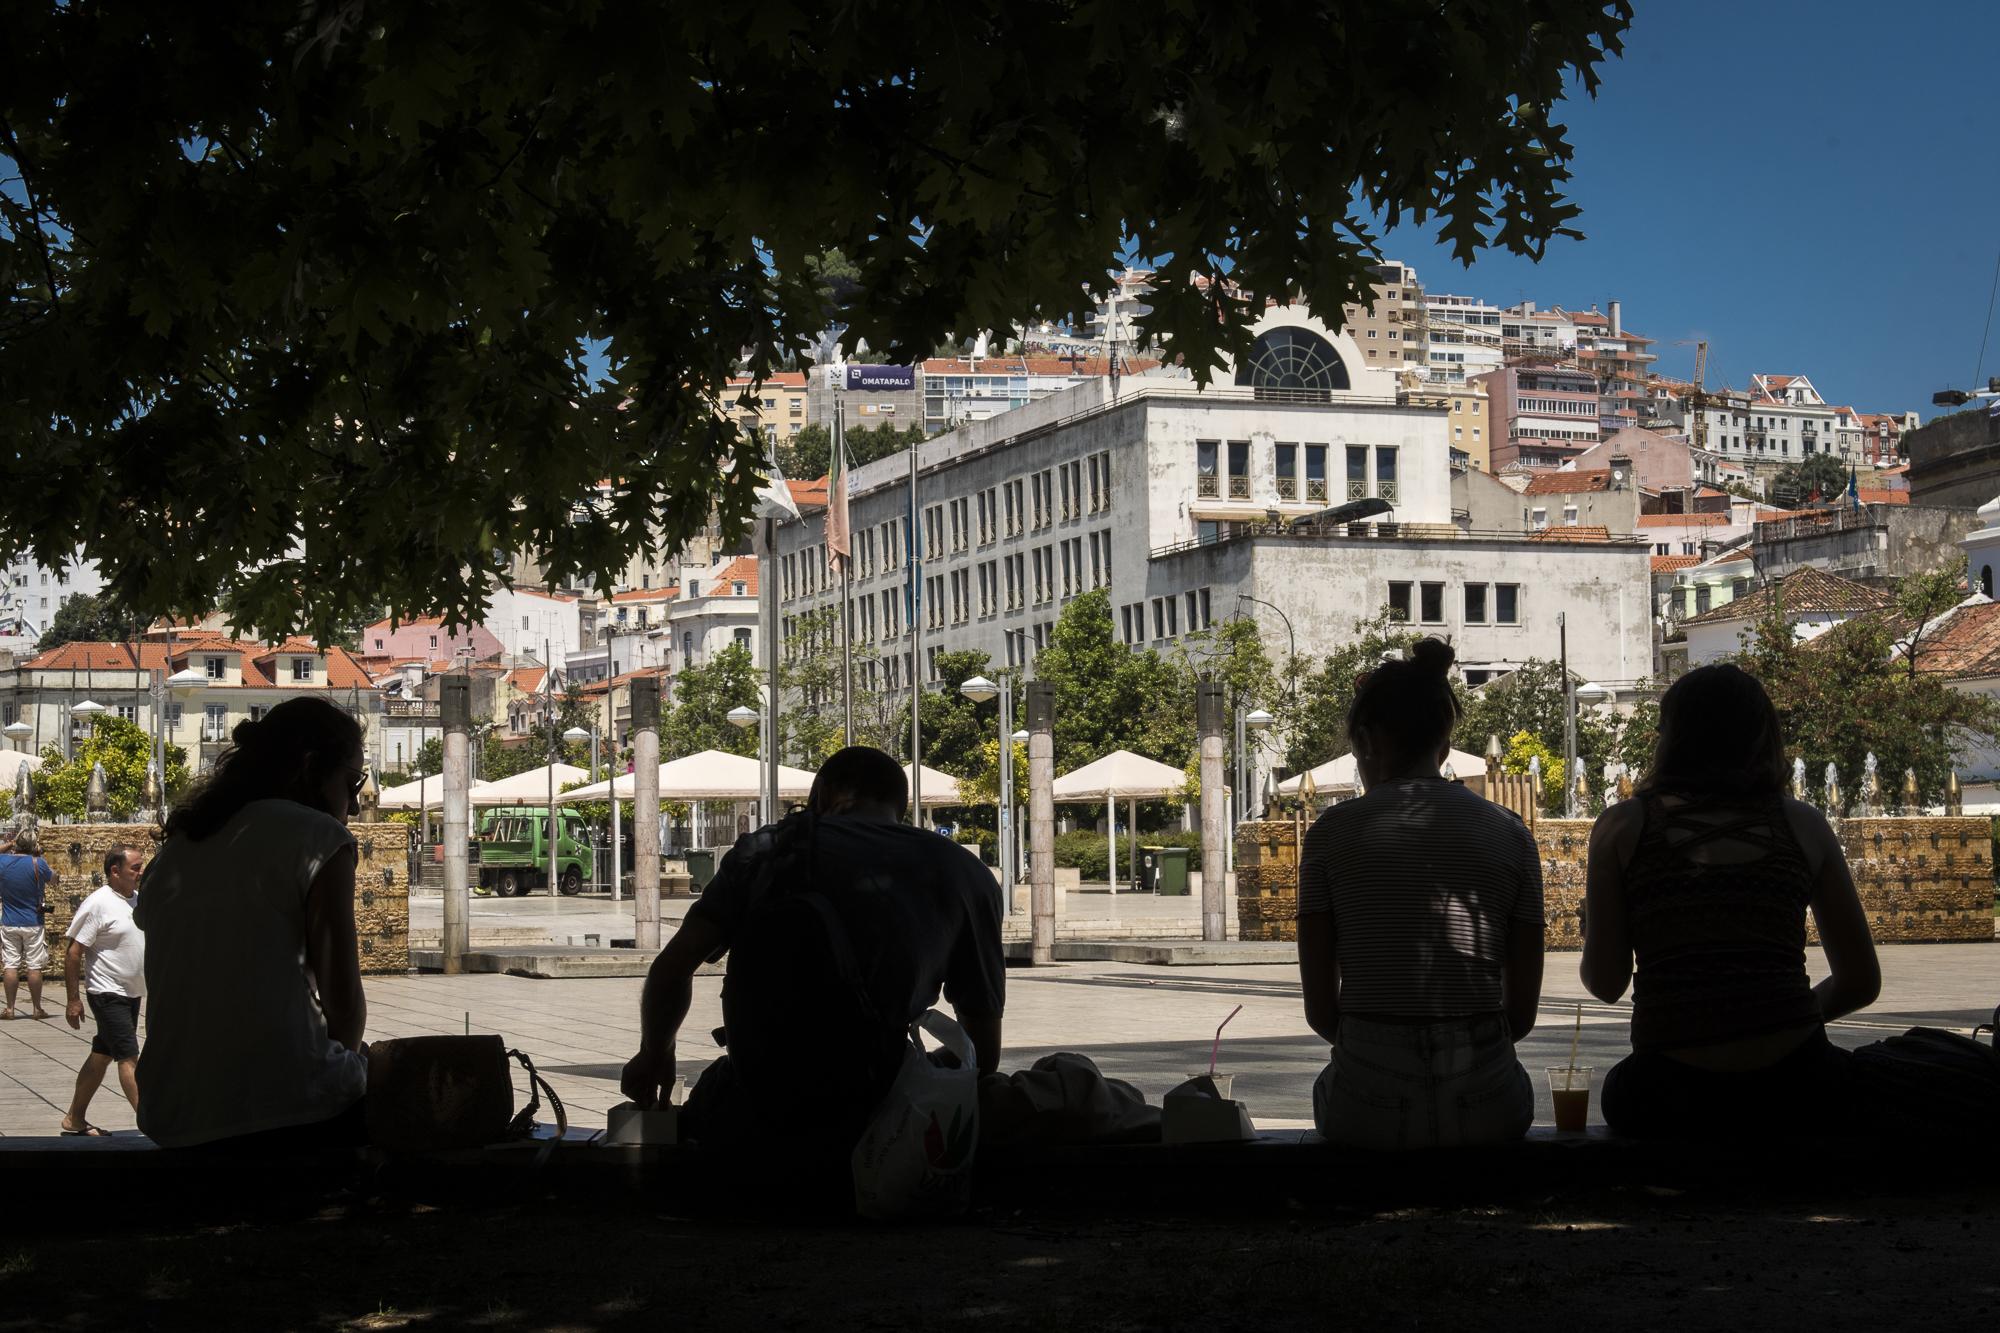 Praça Martim Moniz  PHOTOGRAPHY: ALEXANDER J.E. BRADLEY •NIKON D500 • AF-S NIKKOR 24-70mm f/2.8G ED • 42mm • F/16 •1/250 •ISO 400